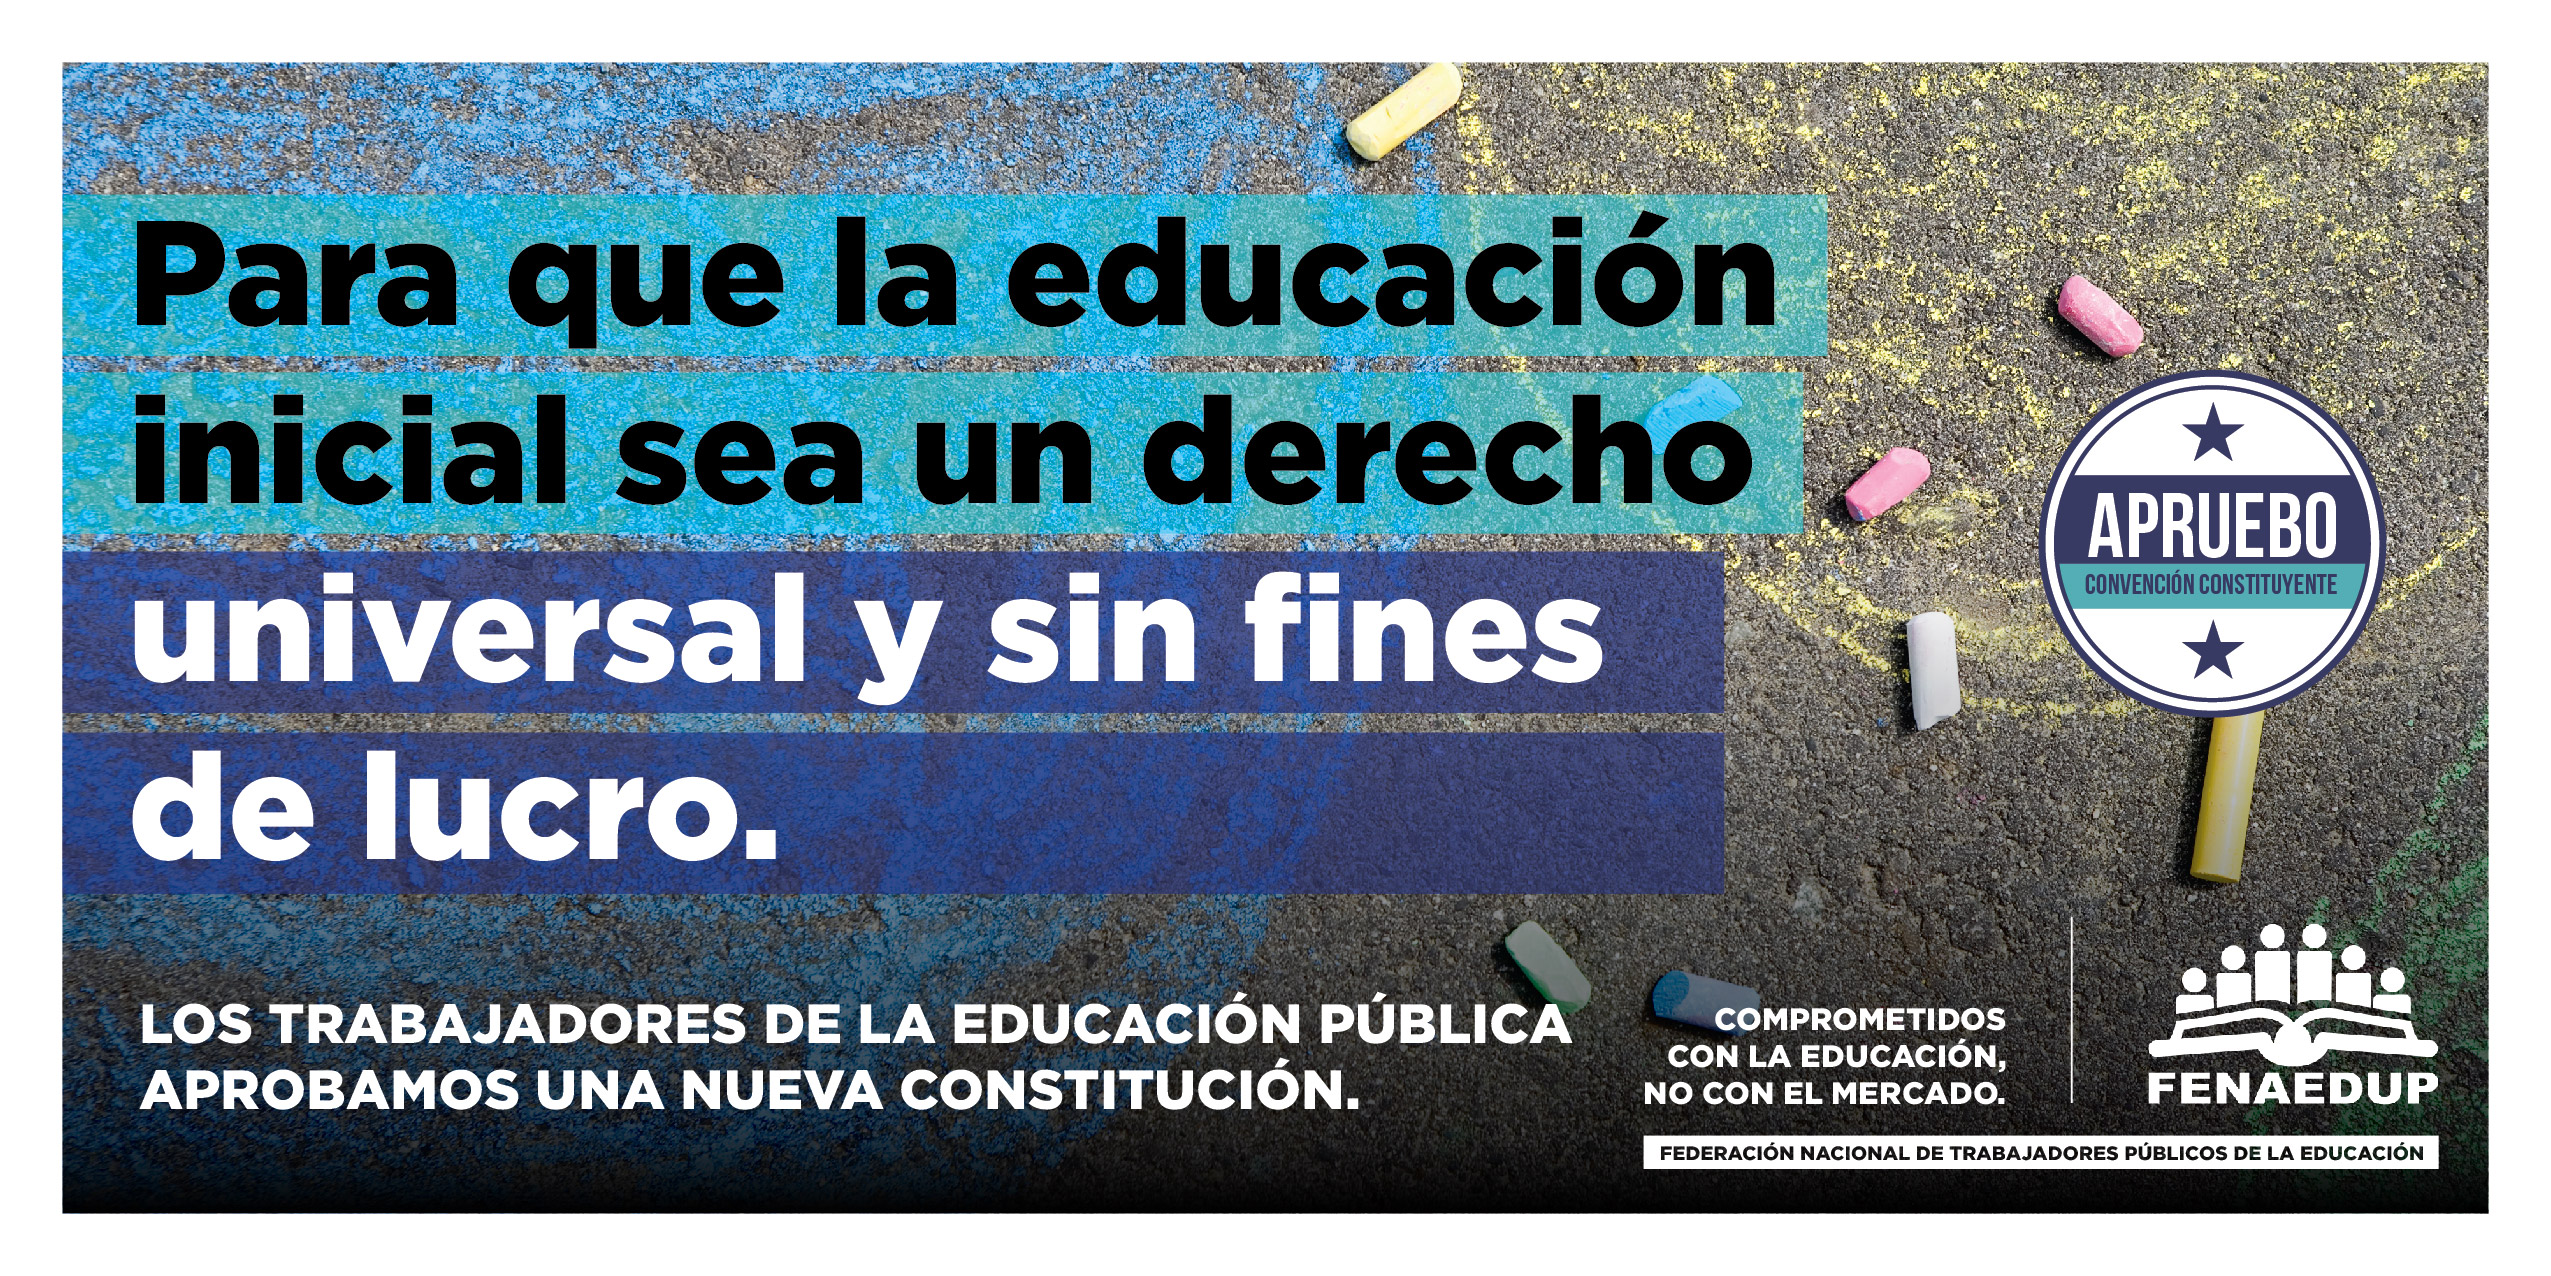 Campaña|Comprometidos con la Educación no con el mercado